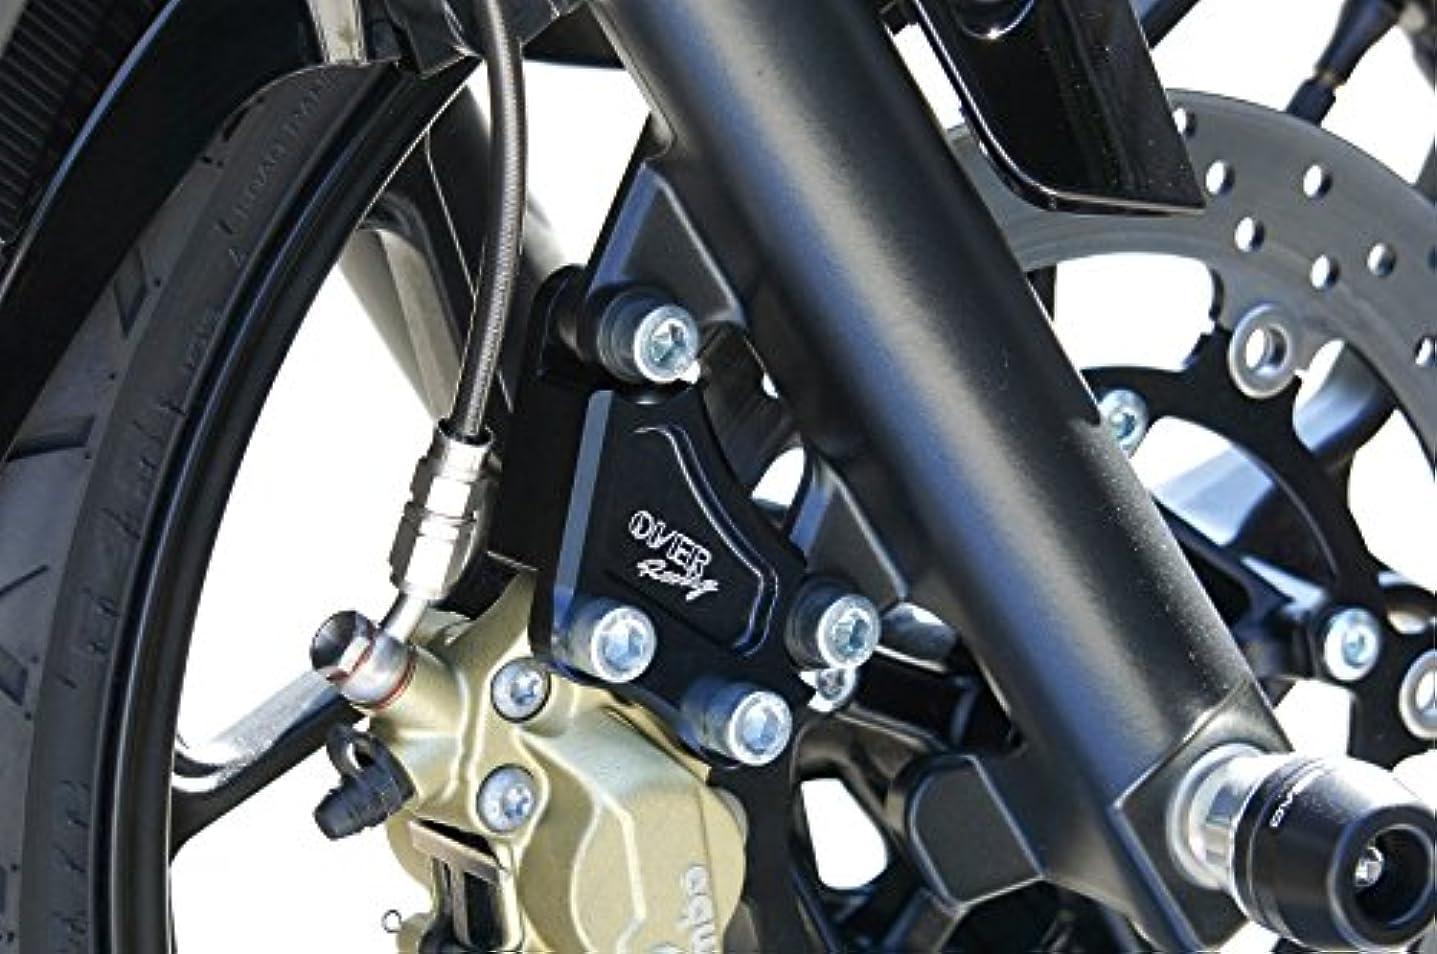 セーター上級フェンスアクティブ(ACTIVE) フロントキャリパーサポート/シルバー brembo 40mm&NSR足周り 【GALESPEED 10インチ】 30100031S